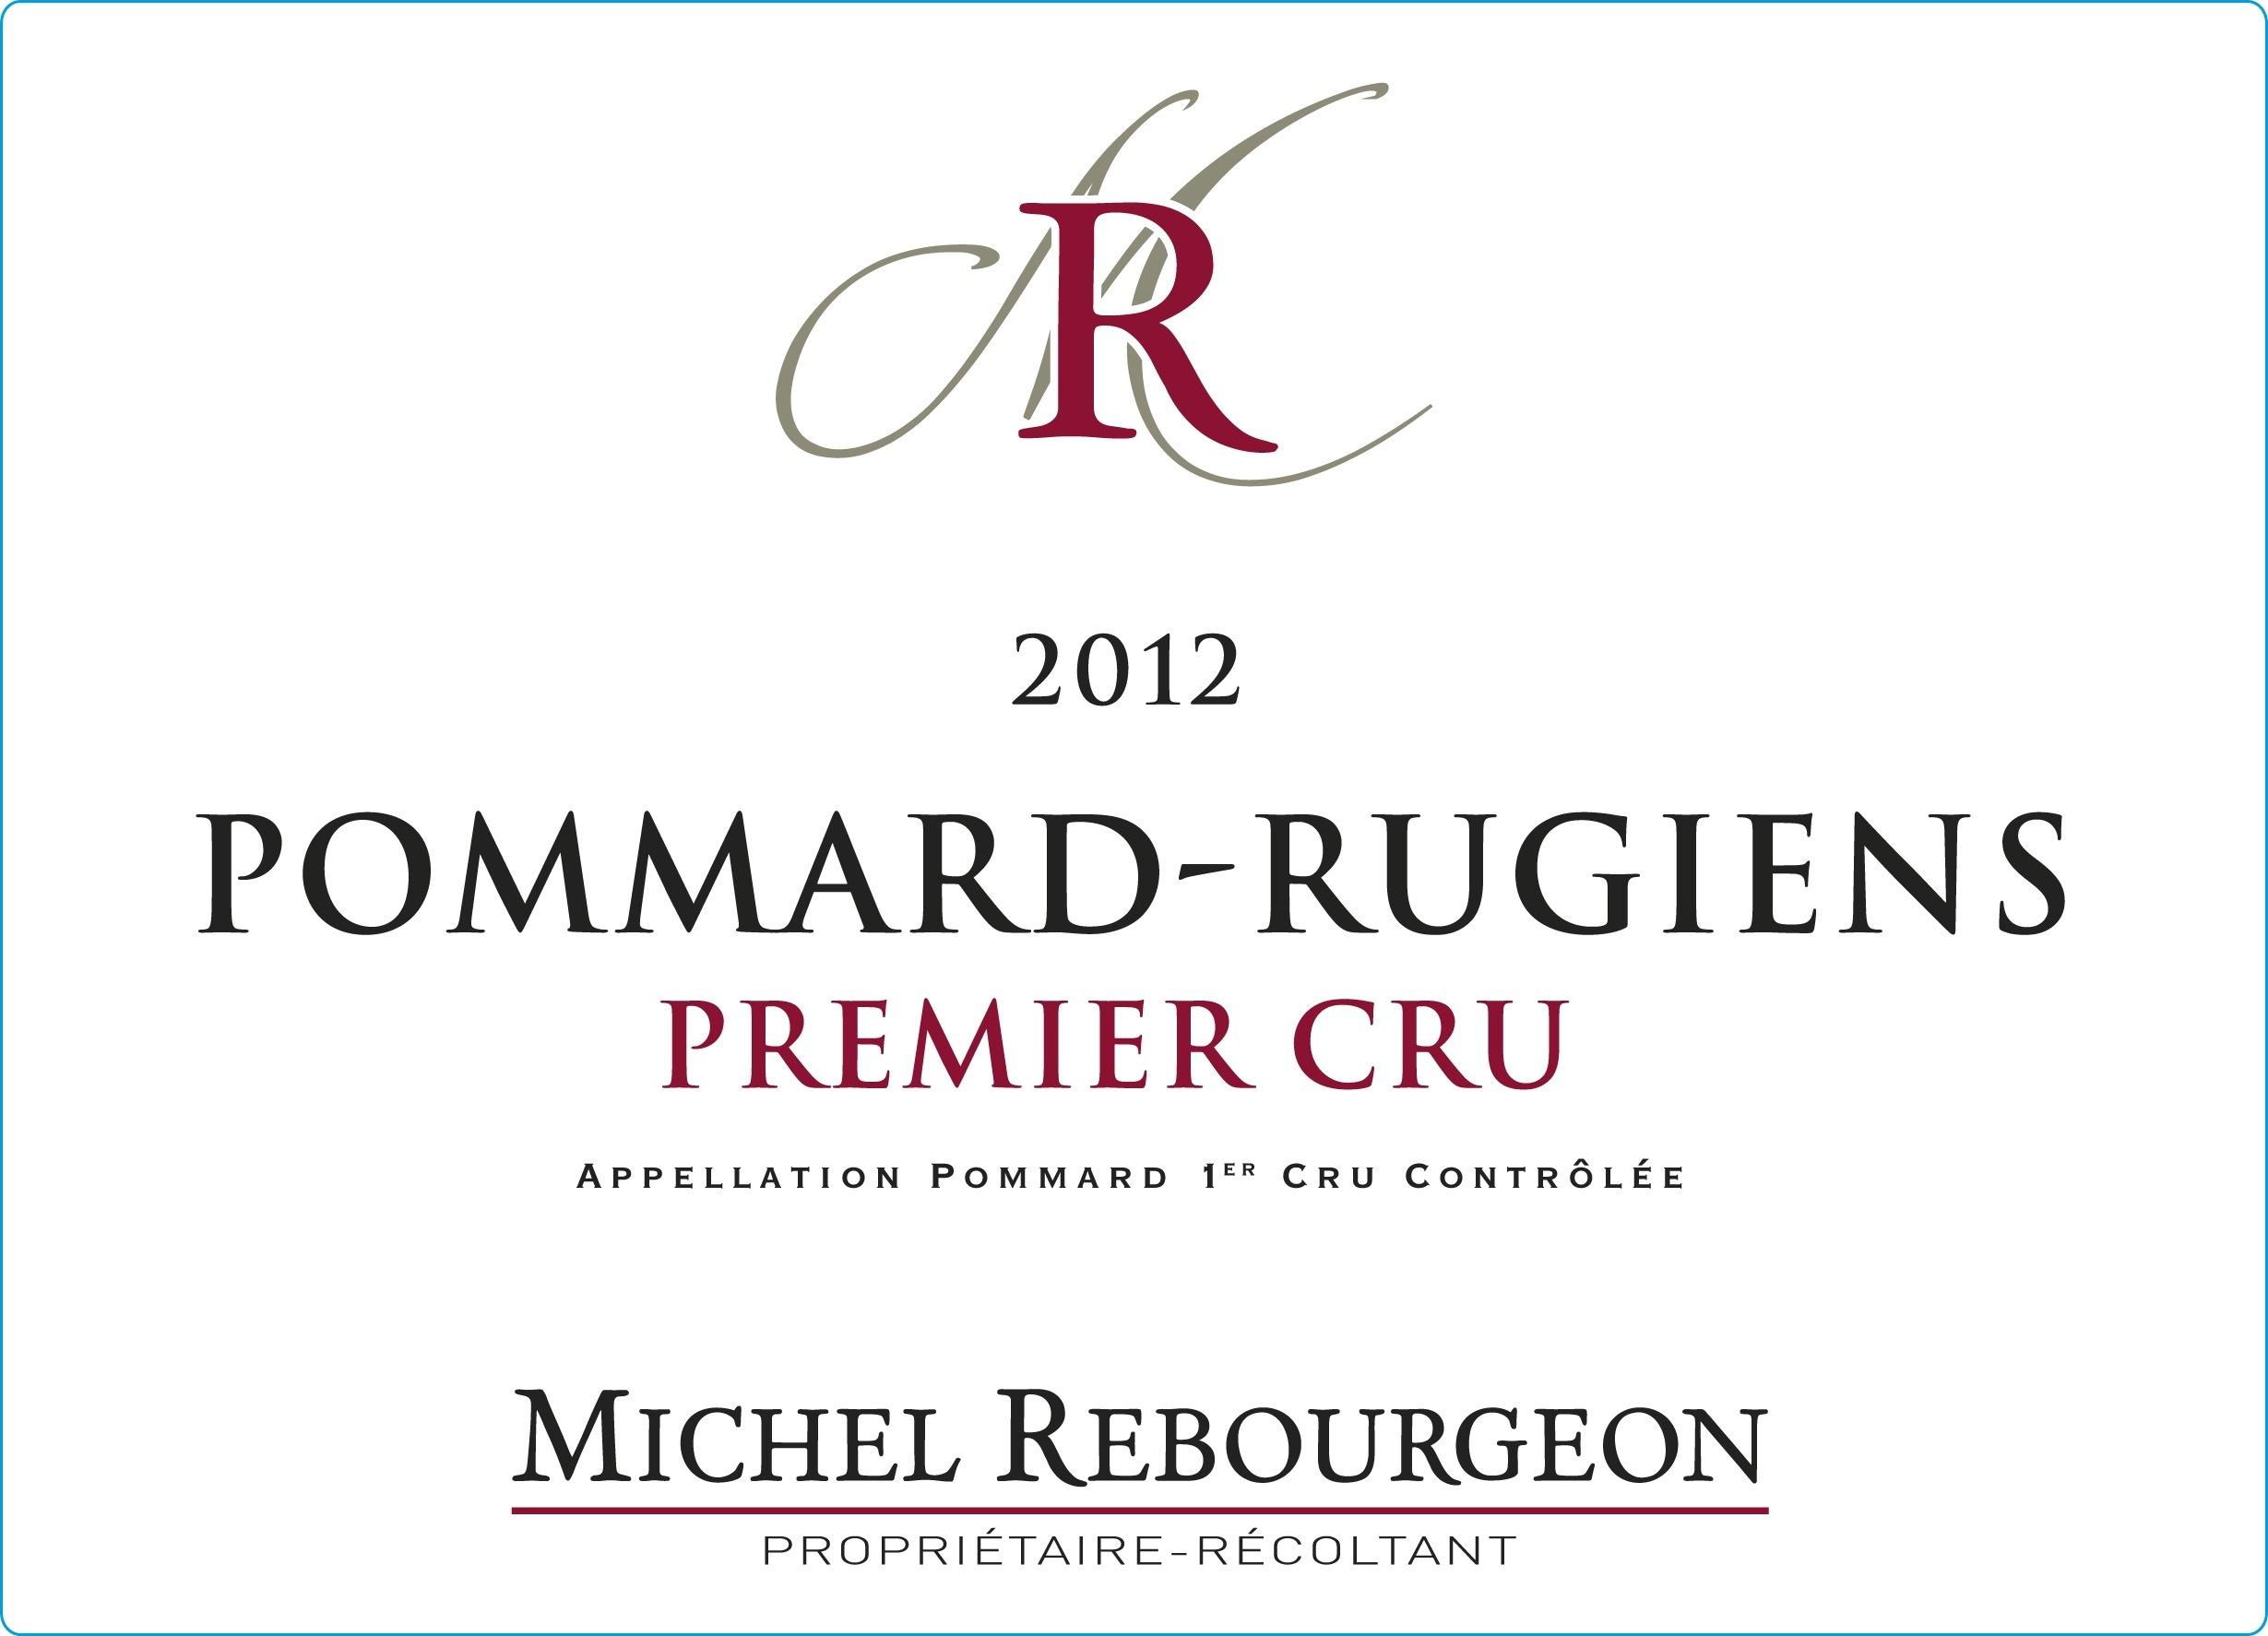 Pommard-Rugiens premier cru du domaine Michel Rebourgeon